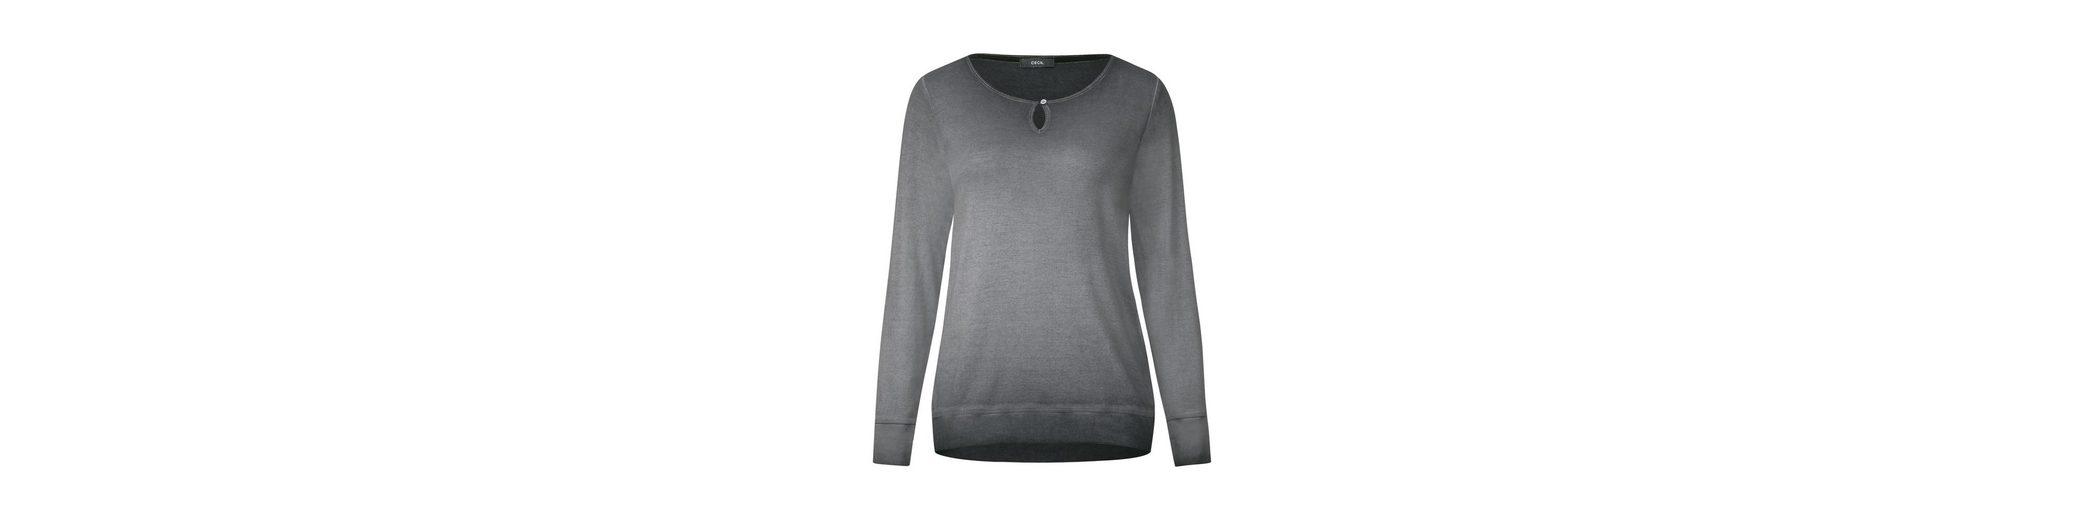 CECIL Gewaschenes Rippshirt Mode Zum Verkauf aIg4DPxZ